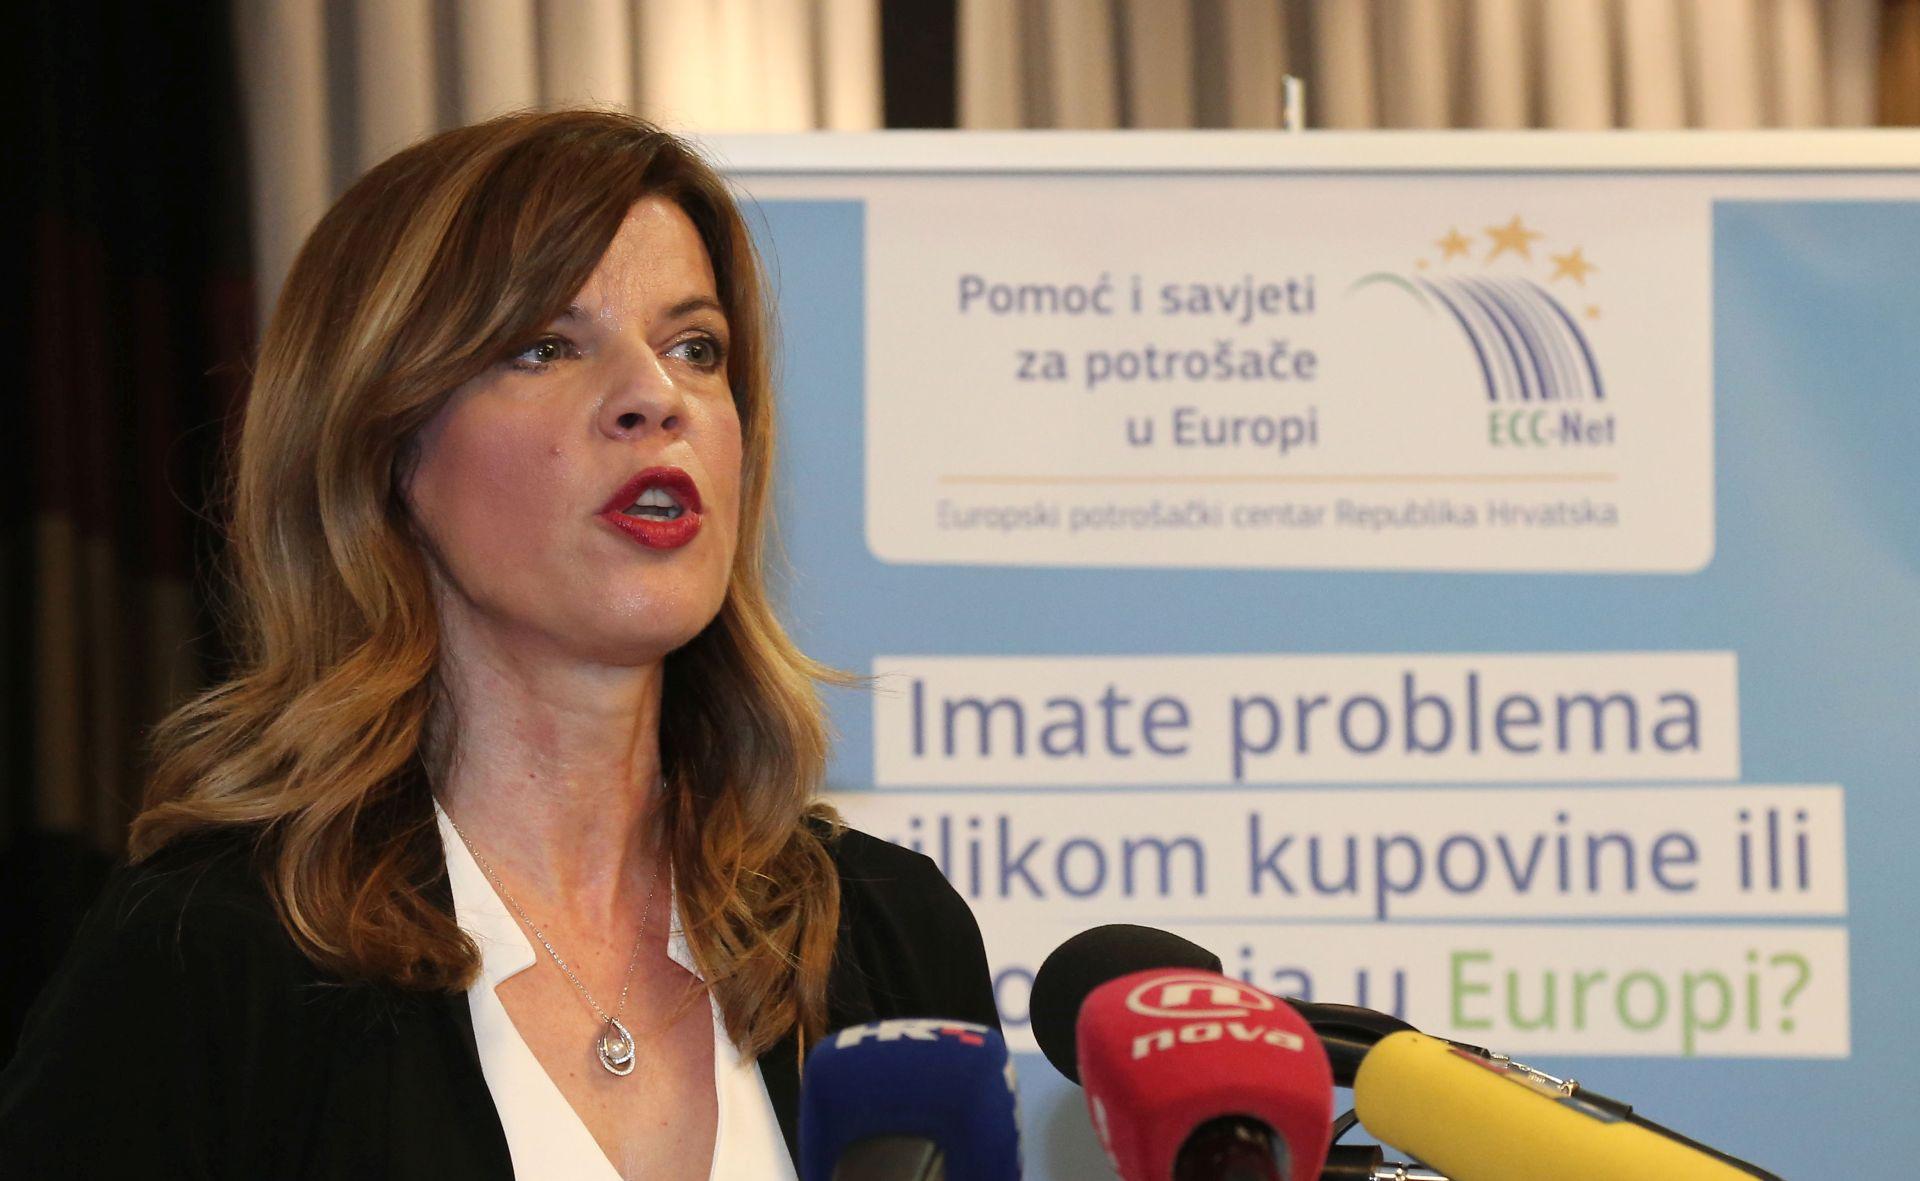 Počinje analiza kvalitete istih proizvoda u Hrvatskoj i Njemačkoj